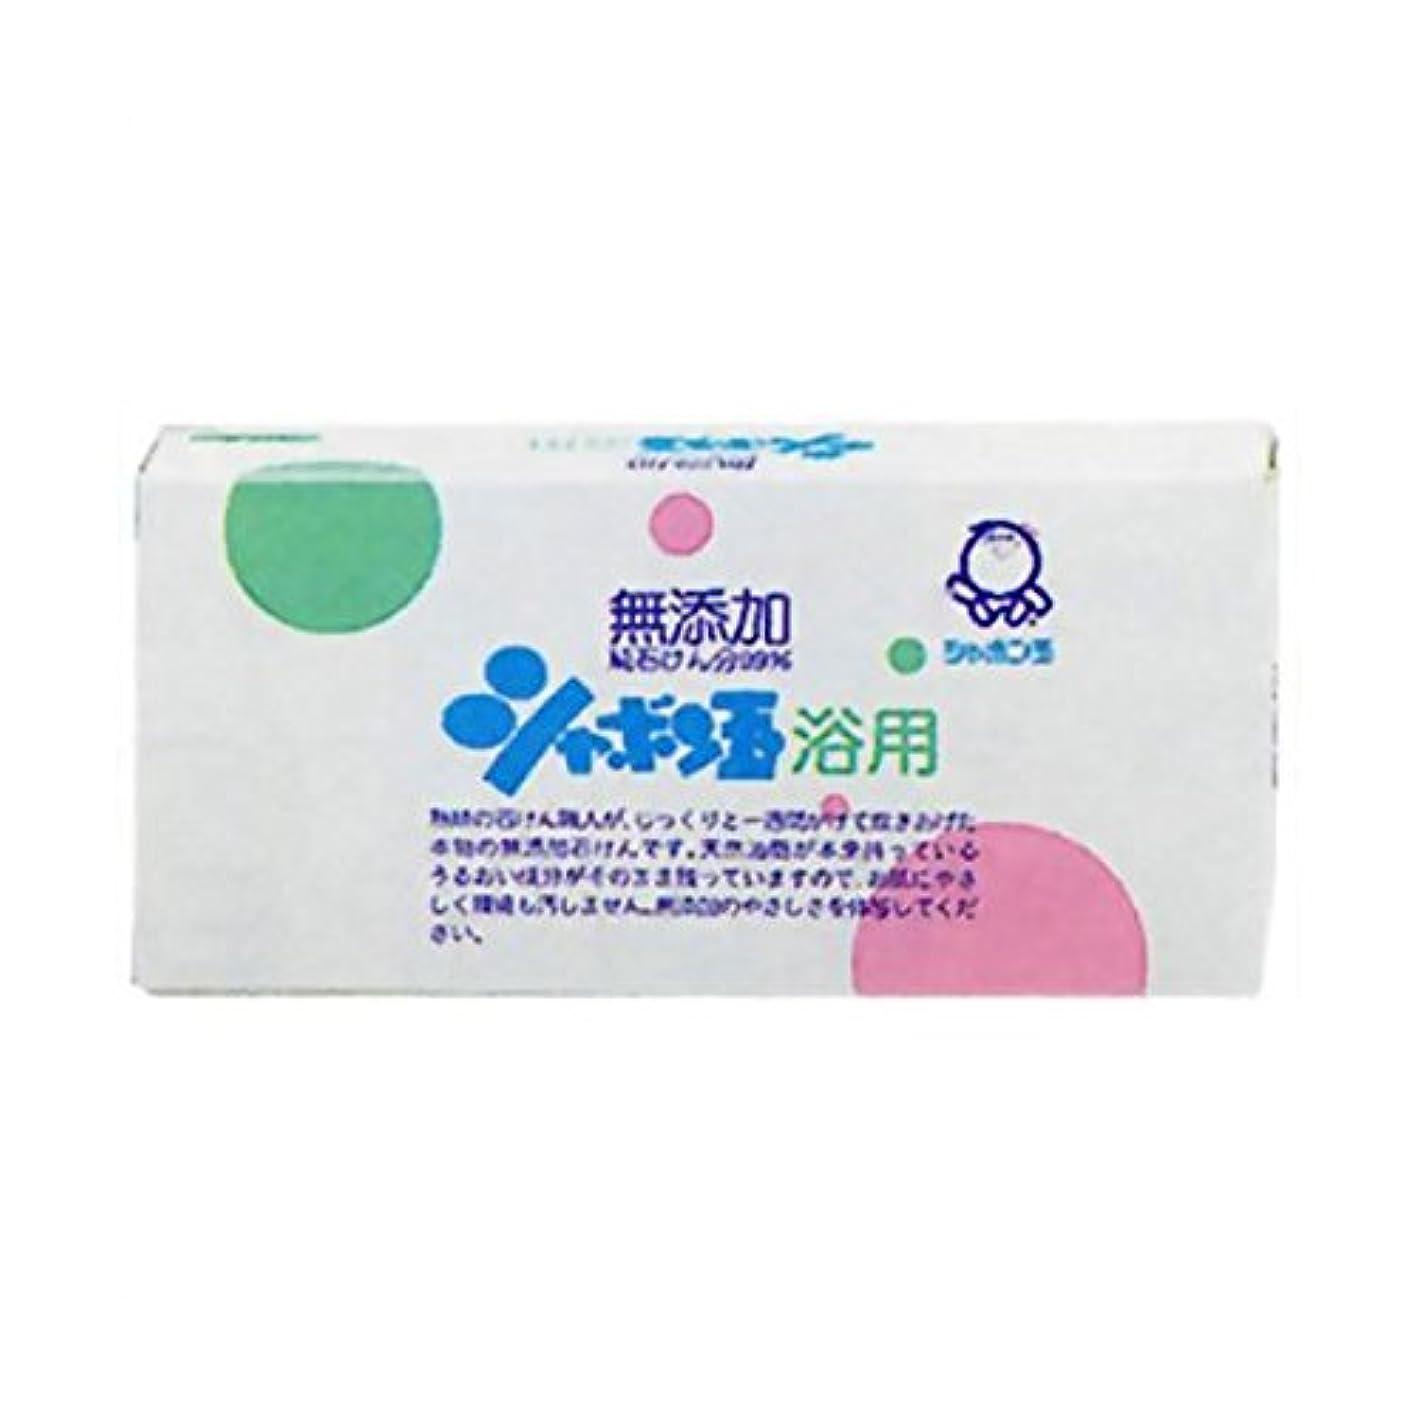 考える四半期容量【お徳用 15 セット】 シャボン玉 浴用 石けん 100g×3個入(無添加石鹸)×15セット